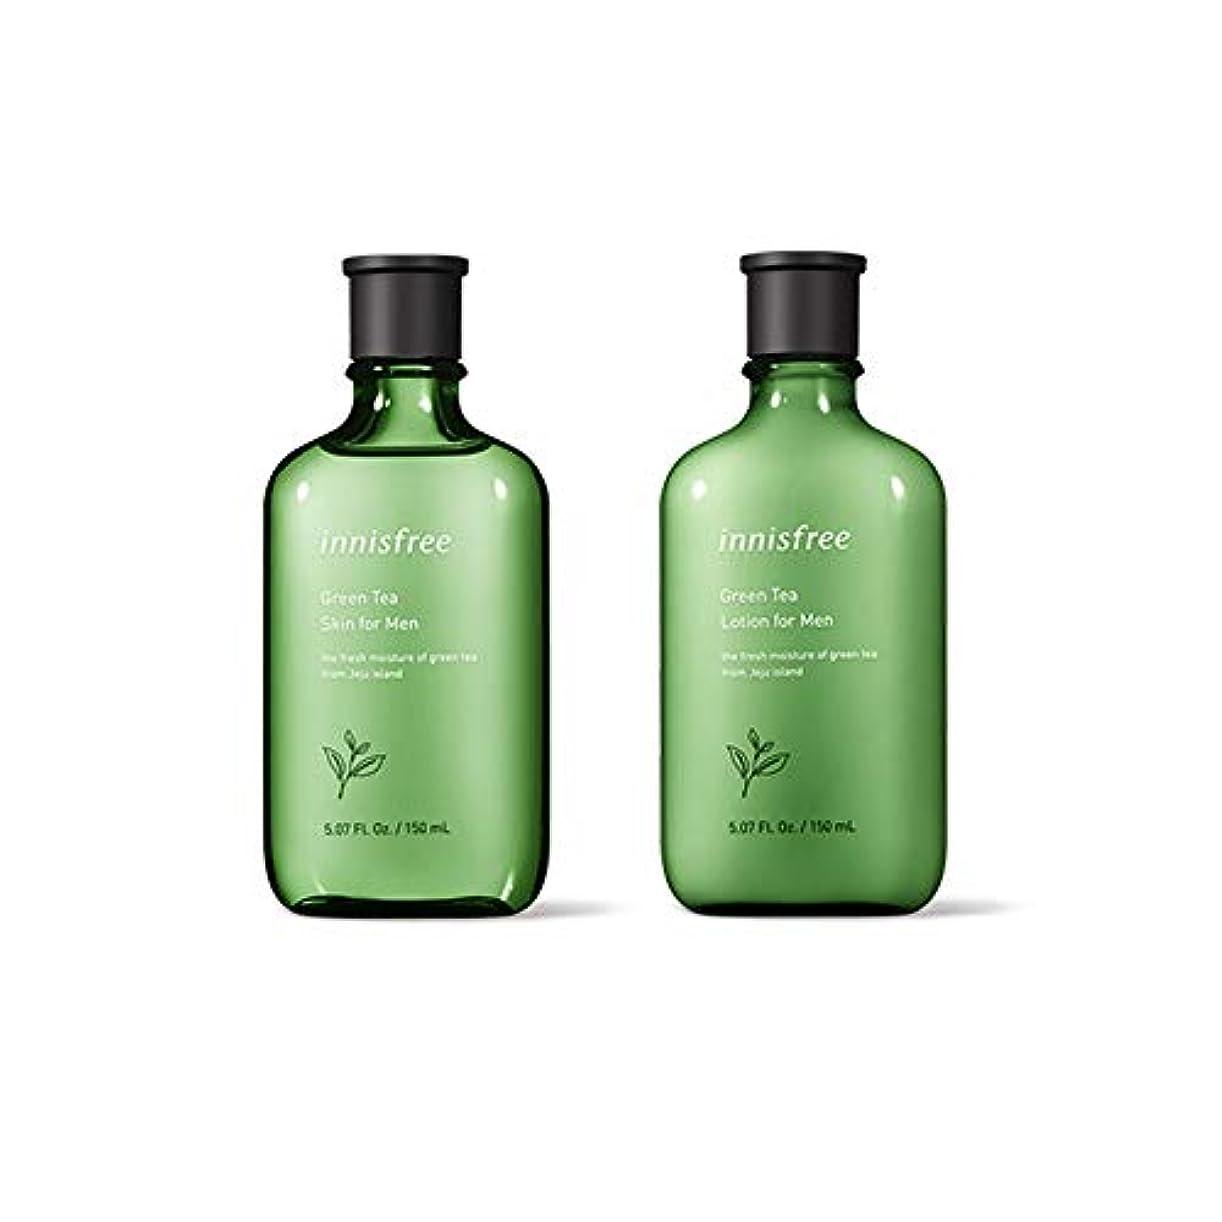 乗り出す同僚飲料イニスフリー Innisfree グリーンティースキン & ローションセットフォーメン(150ml+150ml) Innisfree Green Tea Skin & Lotion Set For Men(150ml+150ml...